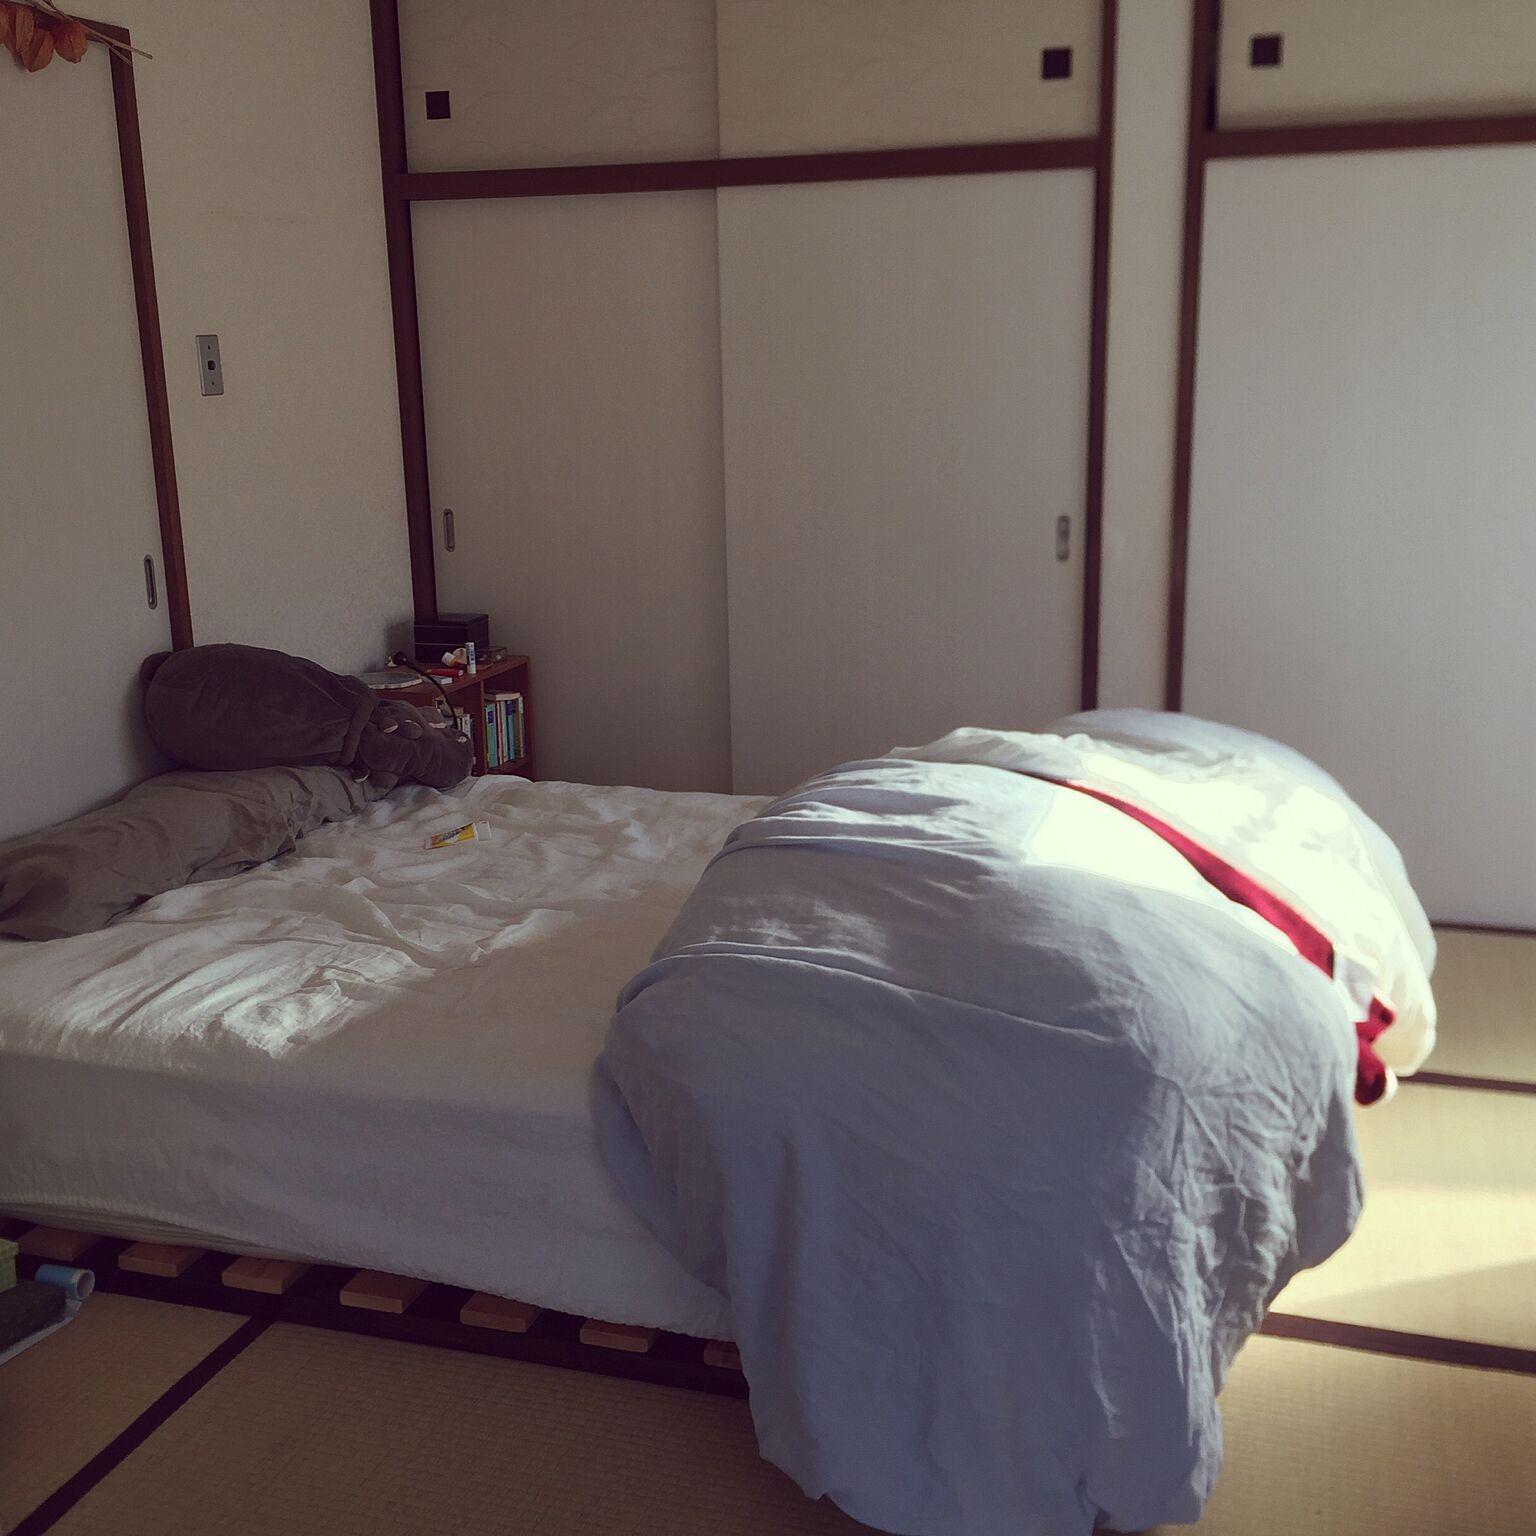 女性で、1LDKのベッド周り/DIY/クイーンサイズ/和室/たたみ/ナチュラル…などについてのインテリア実例を紹介。